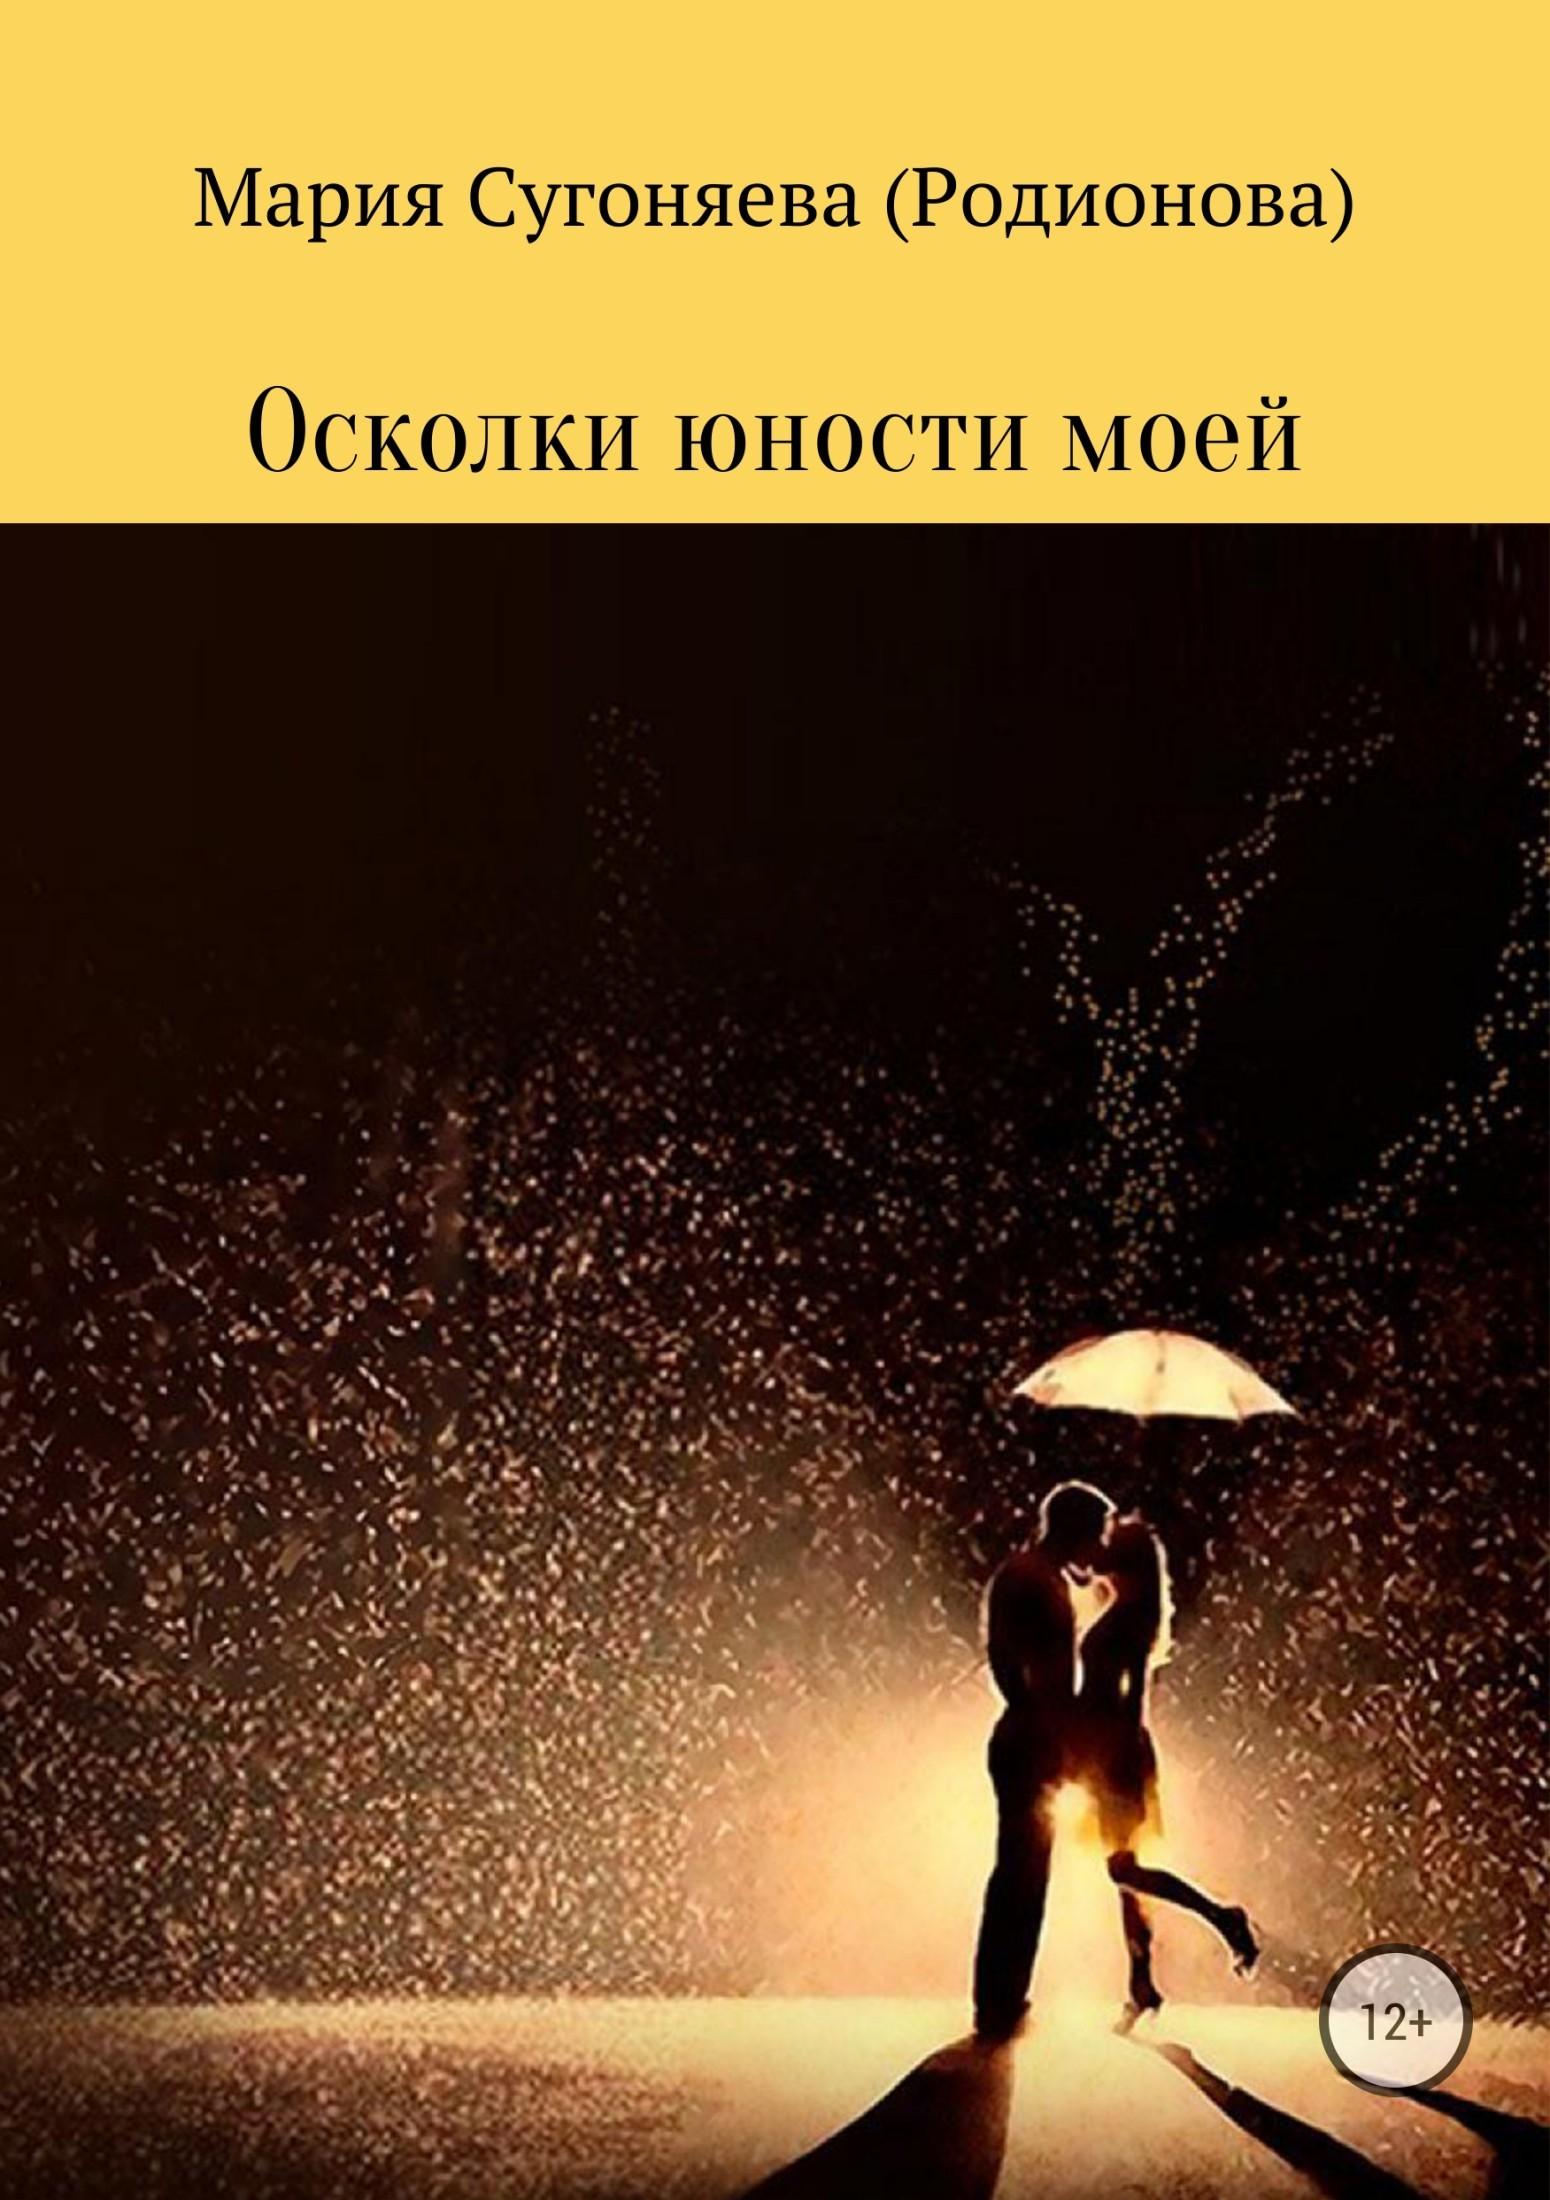 Мария Львовна Сугоняева (Родионова) Осколки юности моей мария мердер юность сборник стихотворений